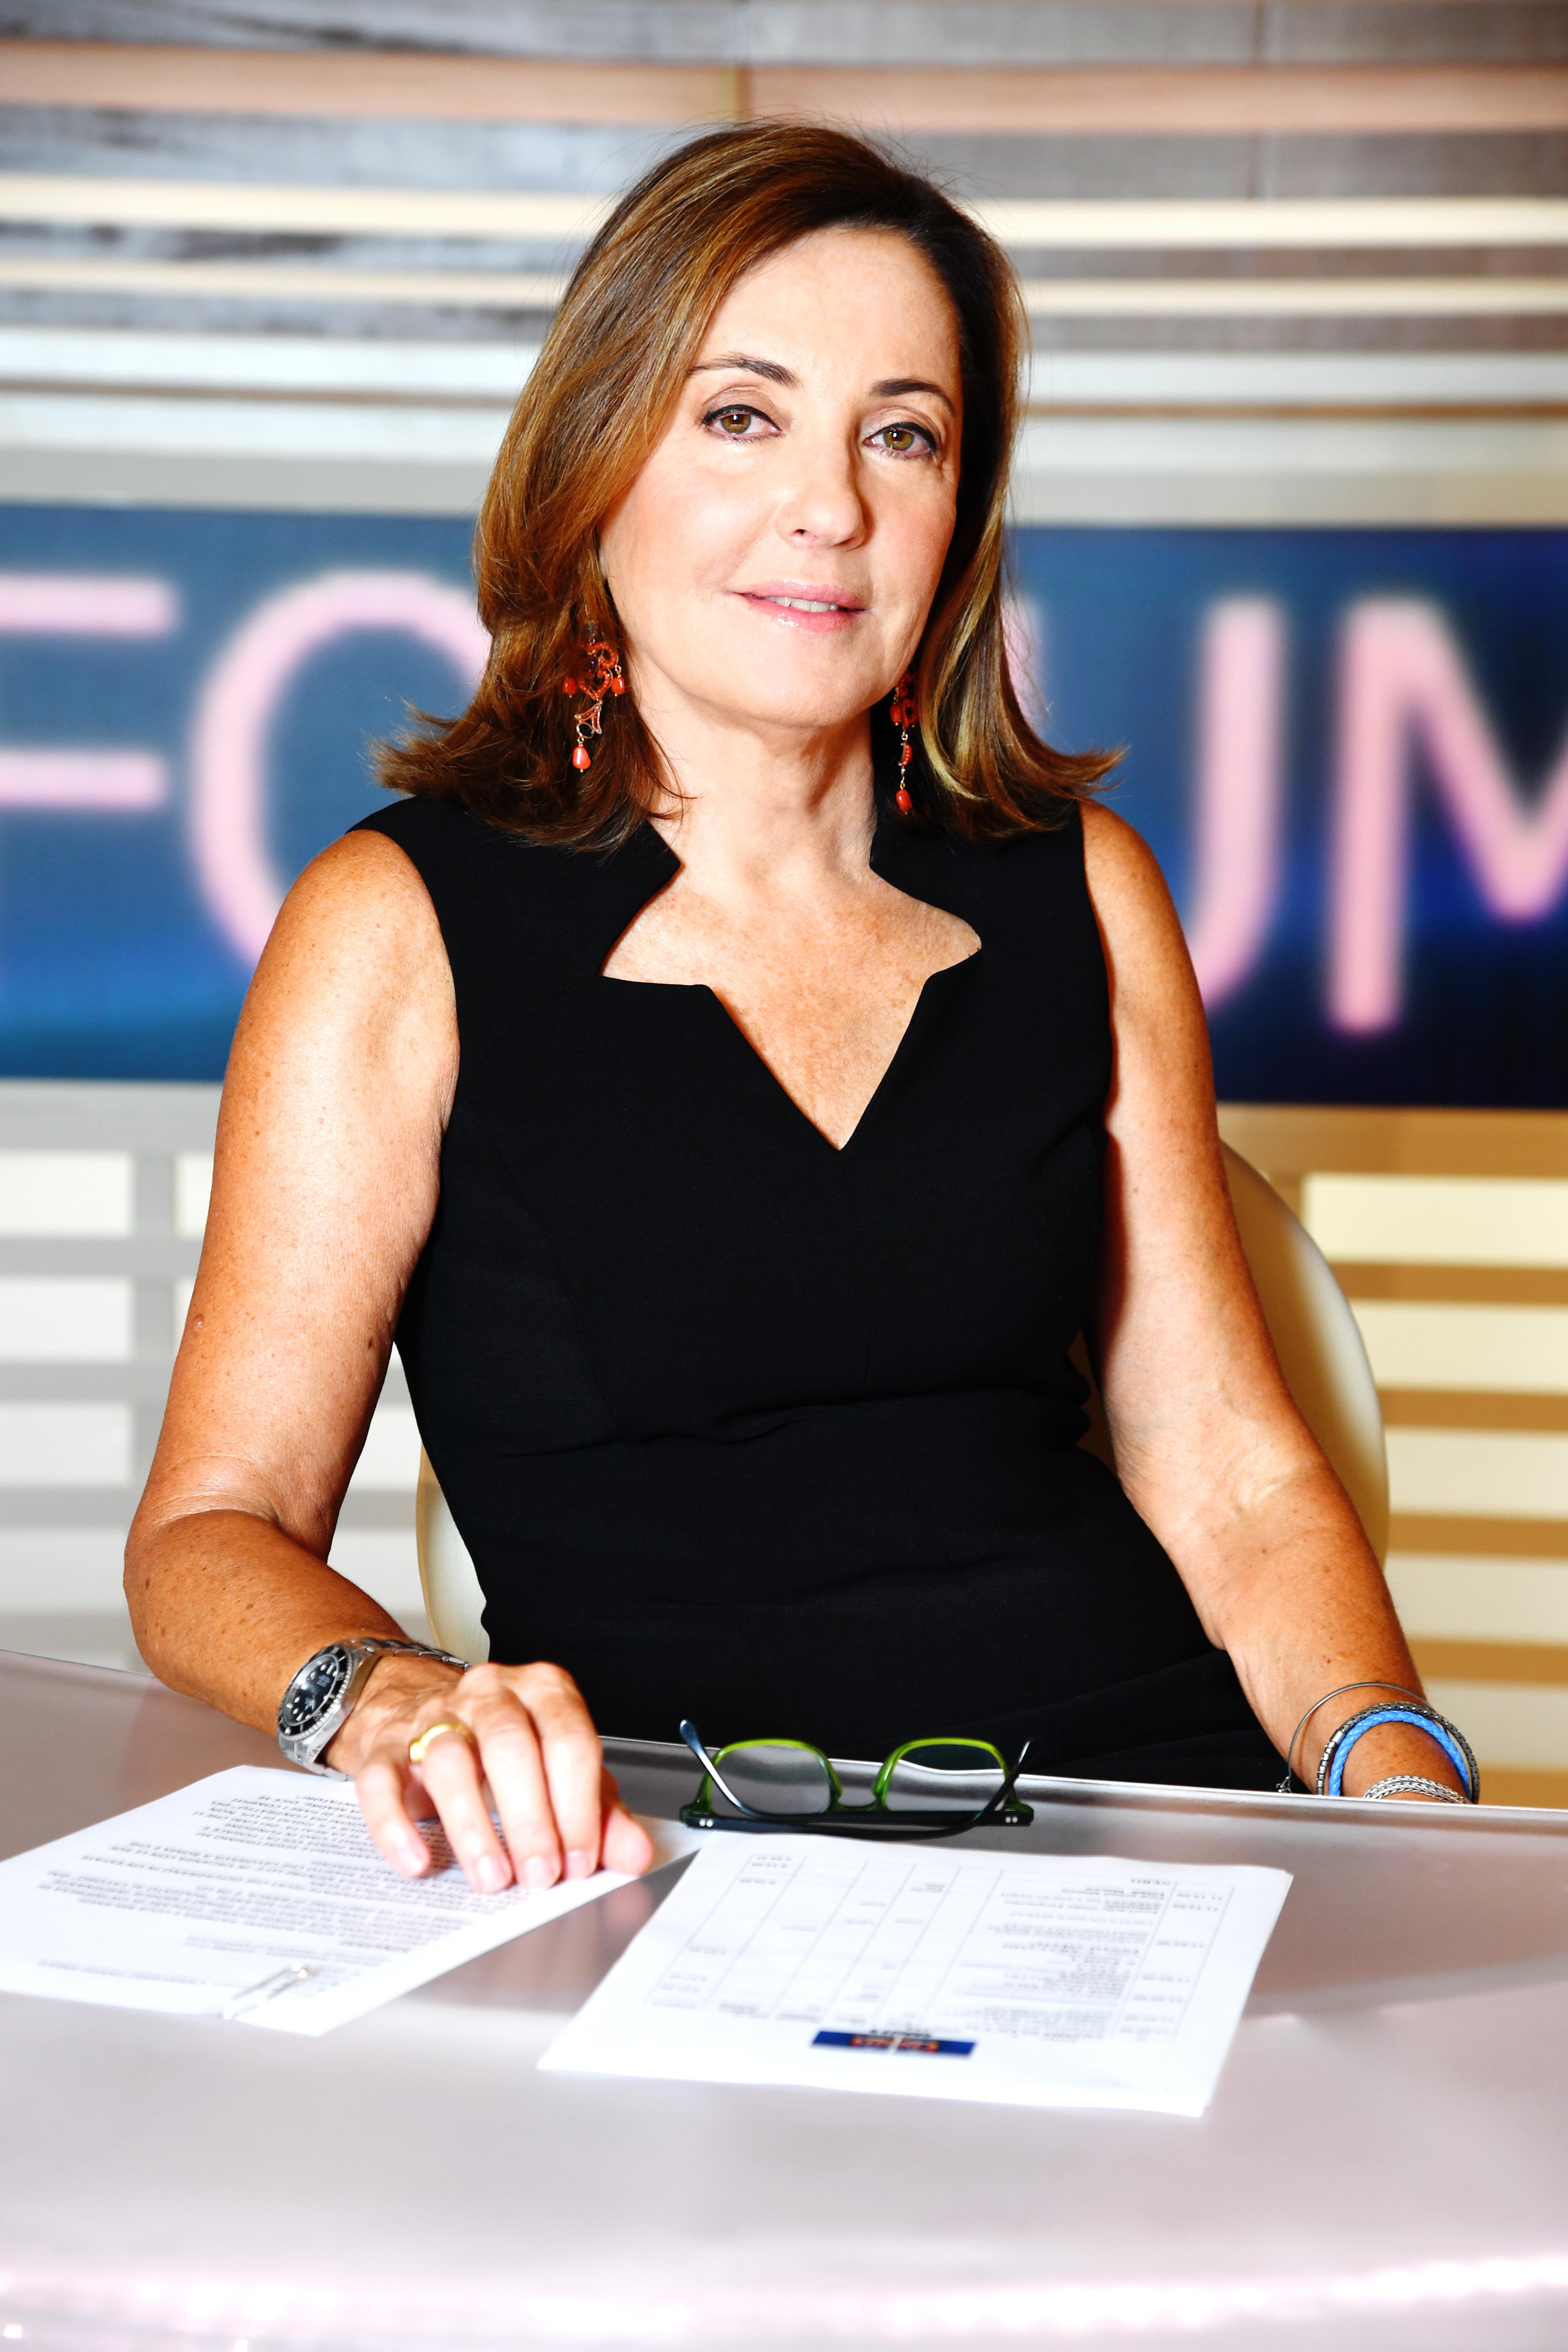 Barbara_Palombelli_durante_la_conduzione